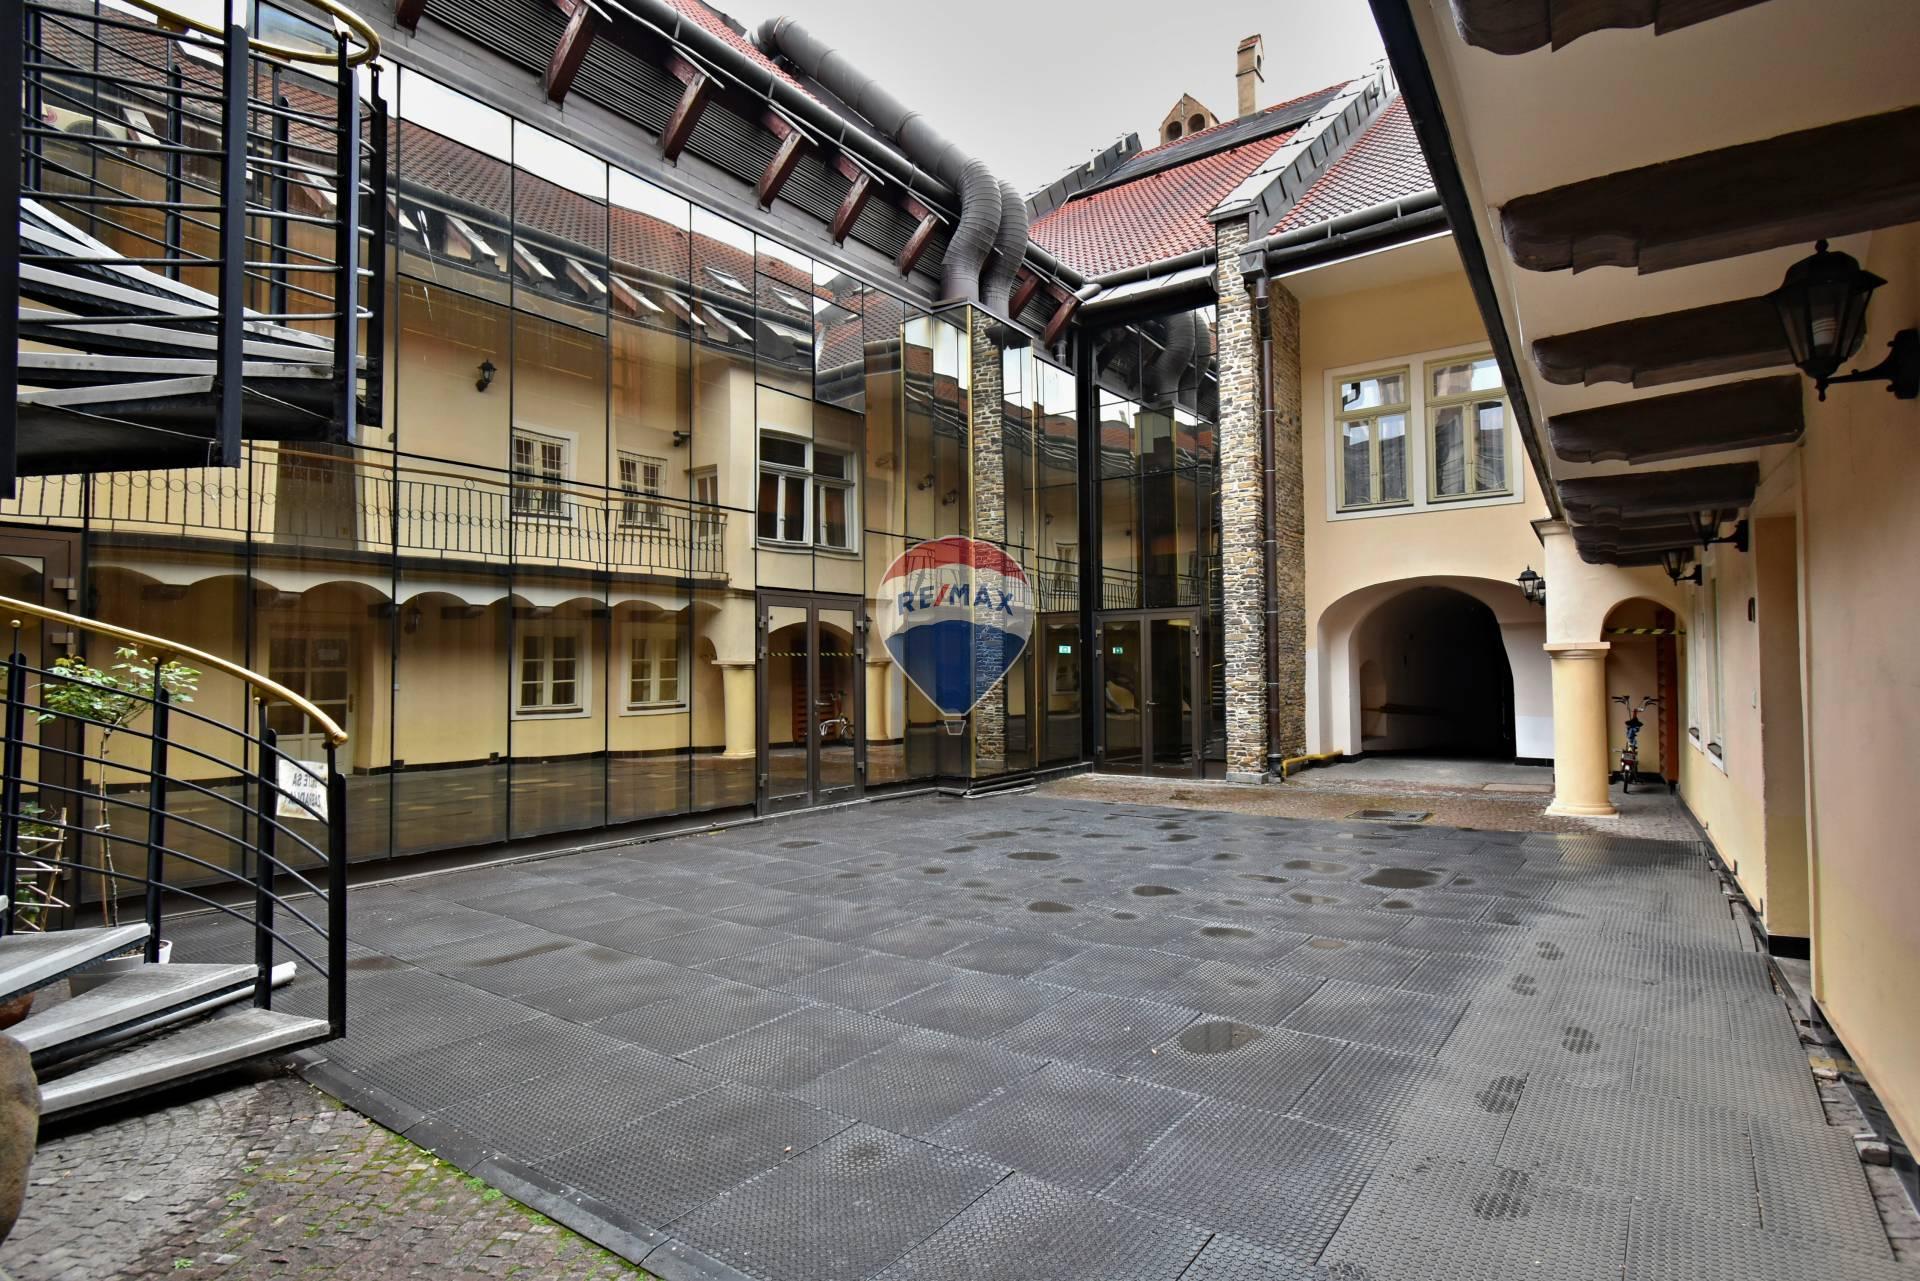 Predaj dvoch meštianskych domov v centre mesta 1800 m2